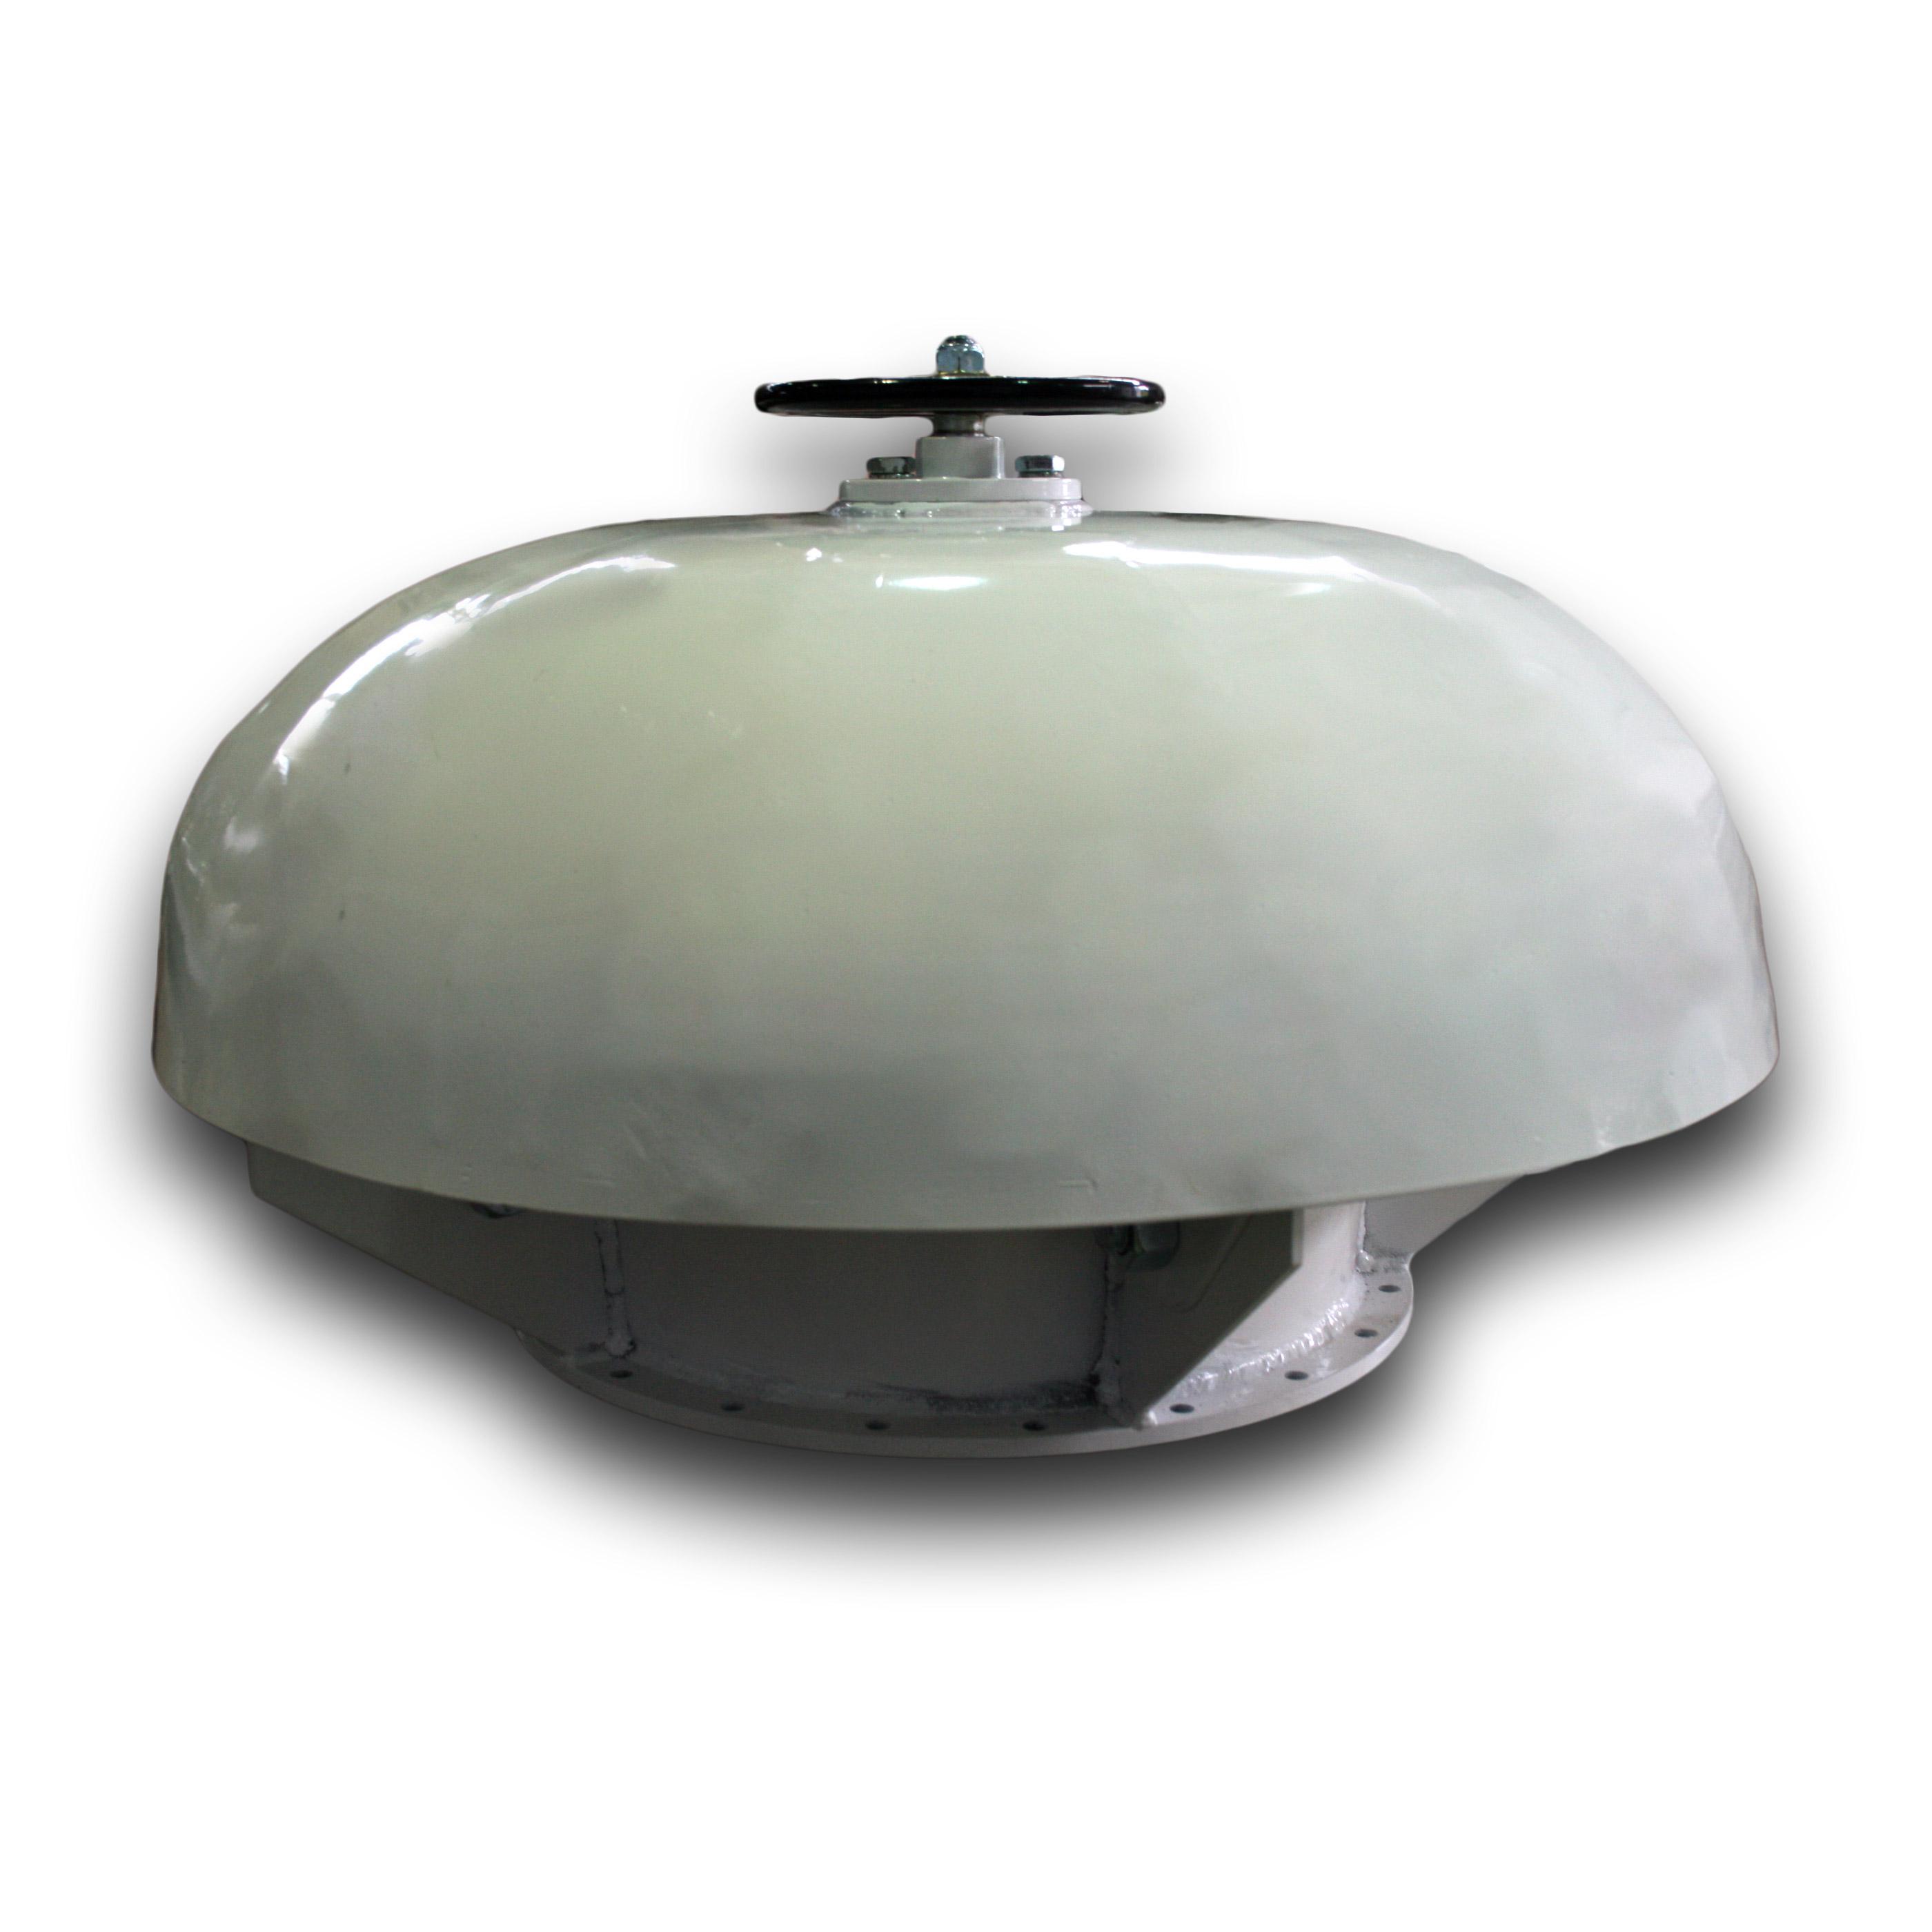 ПШИУ.632737.001 Головка вентиляционная с верхним управлением ОСТ 5.5220-75